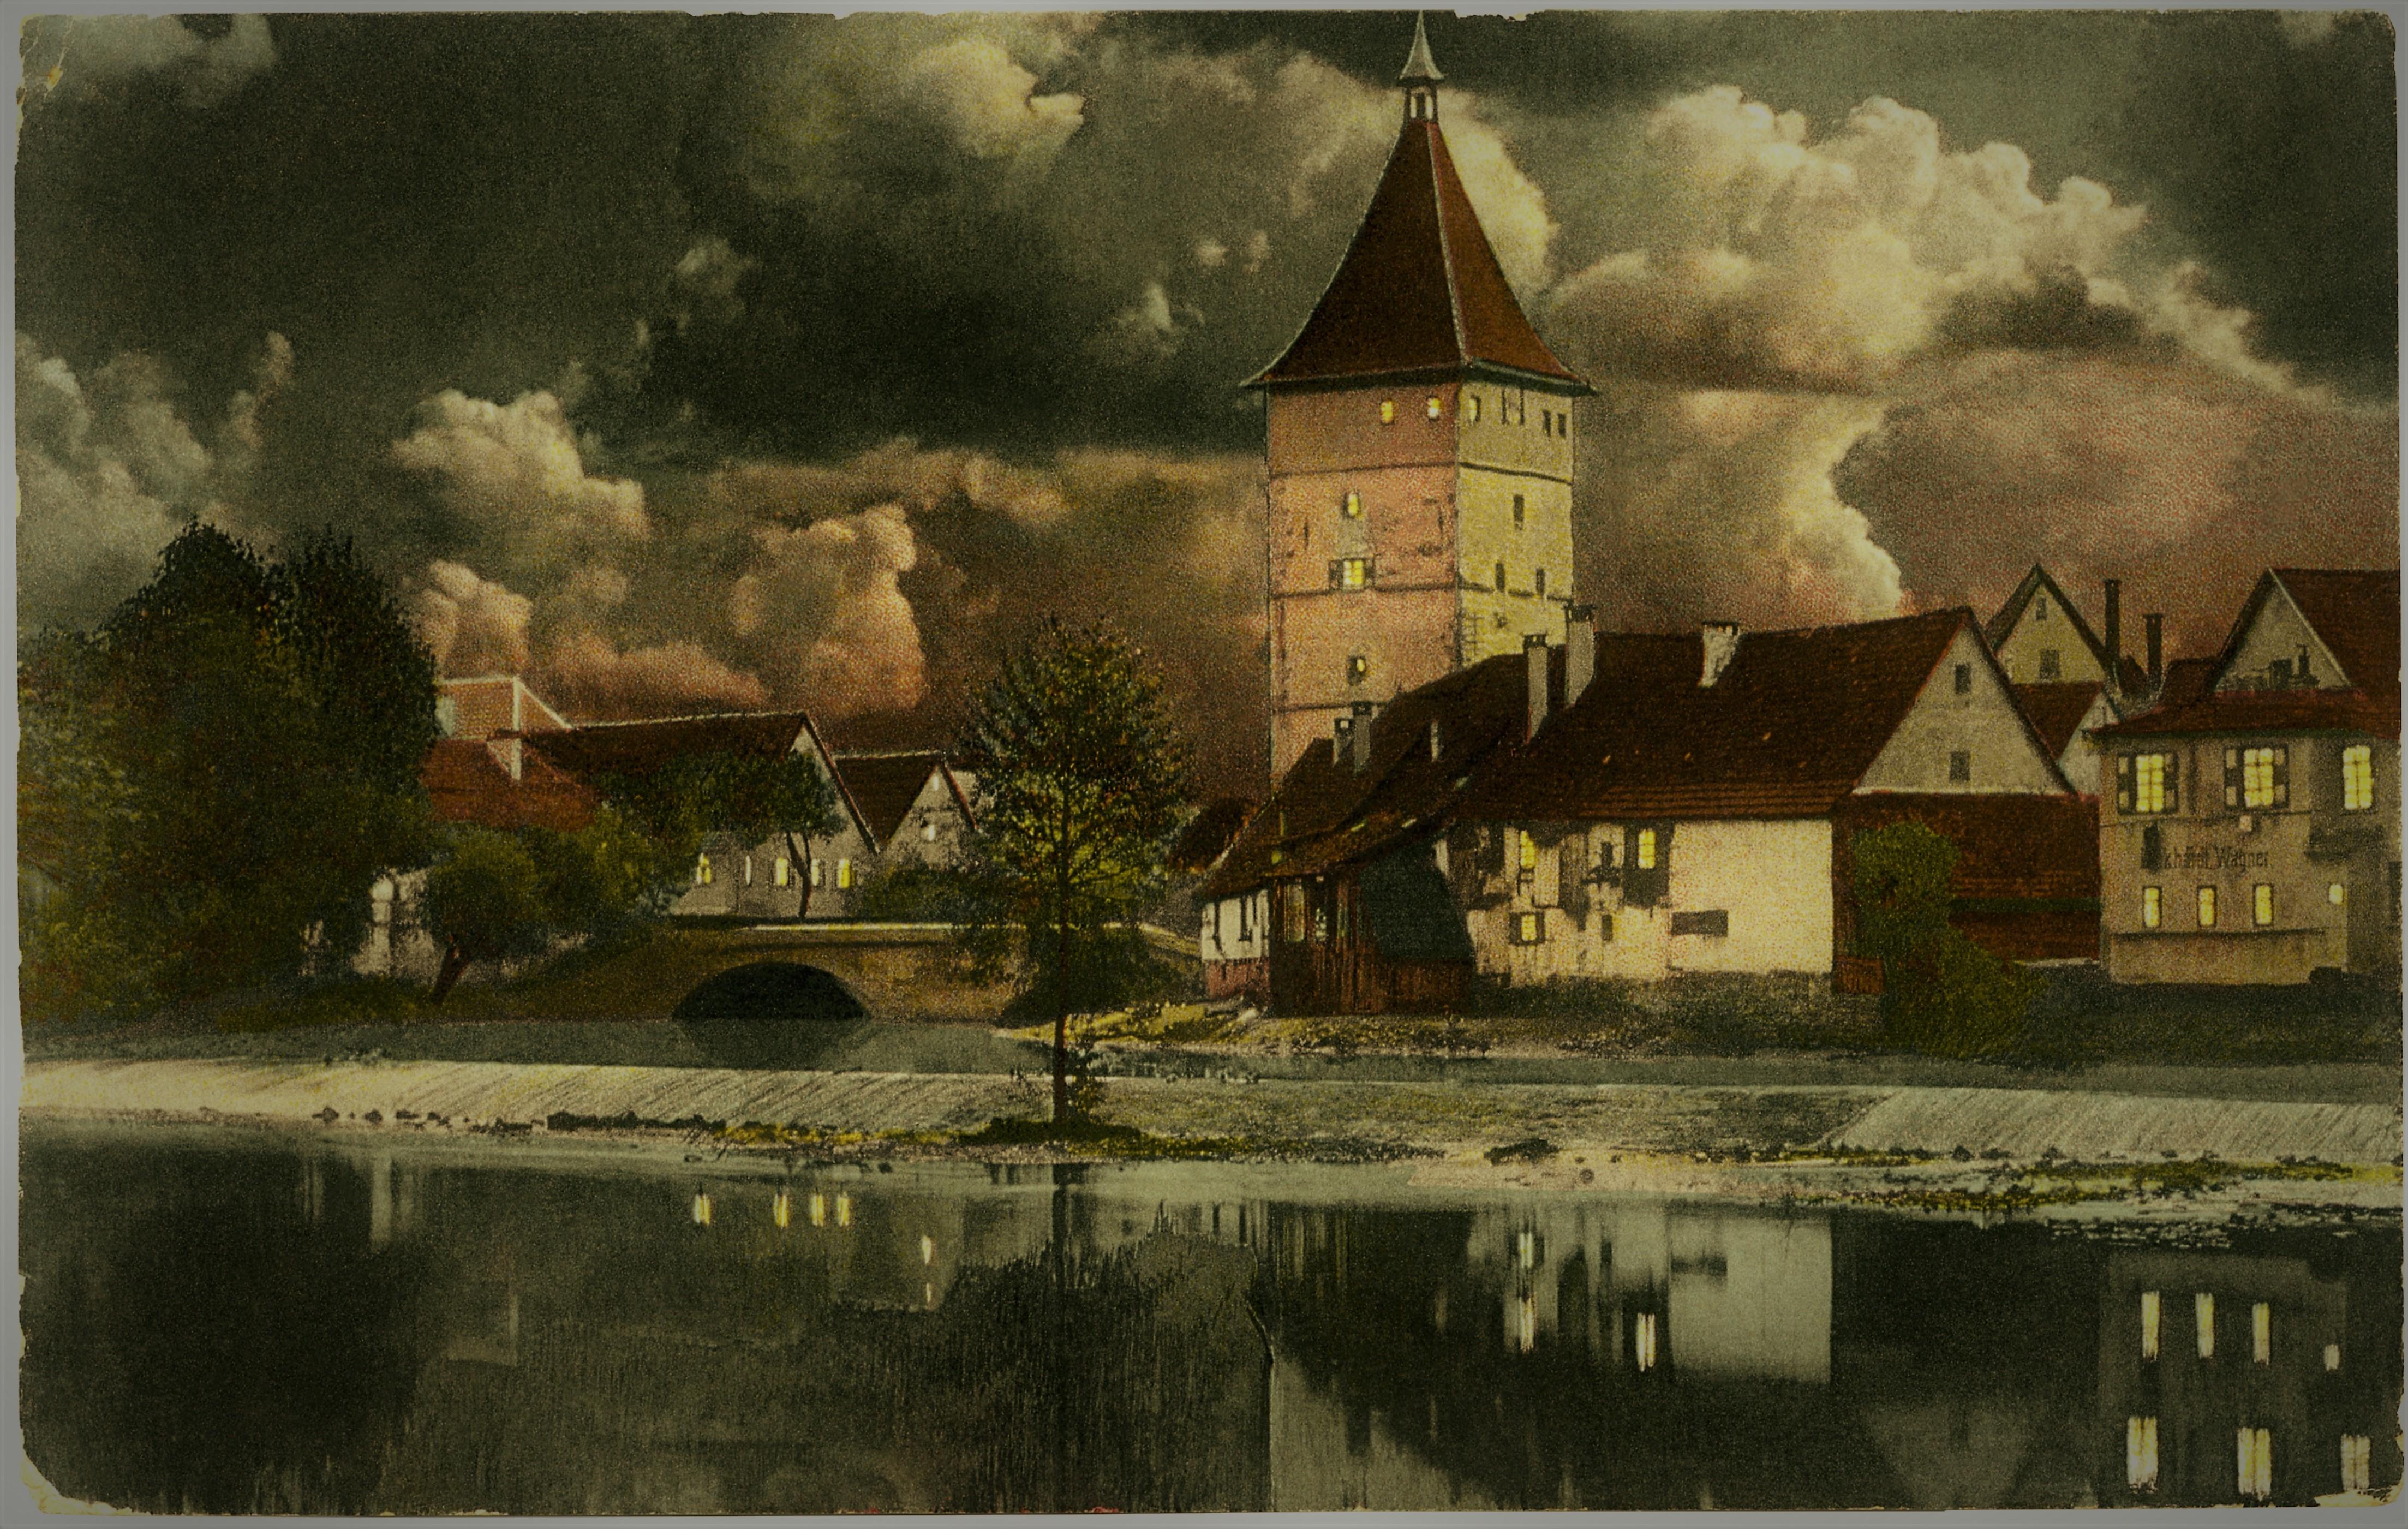 Postkarte, 1914, Rems mit Beinsteiner Torturm bei Nacht